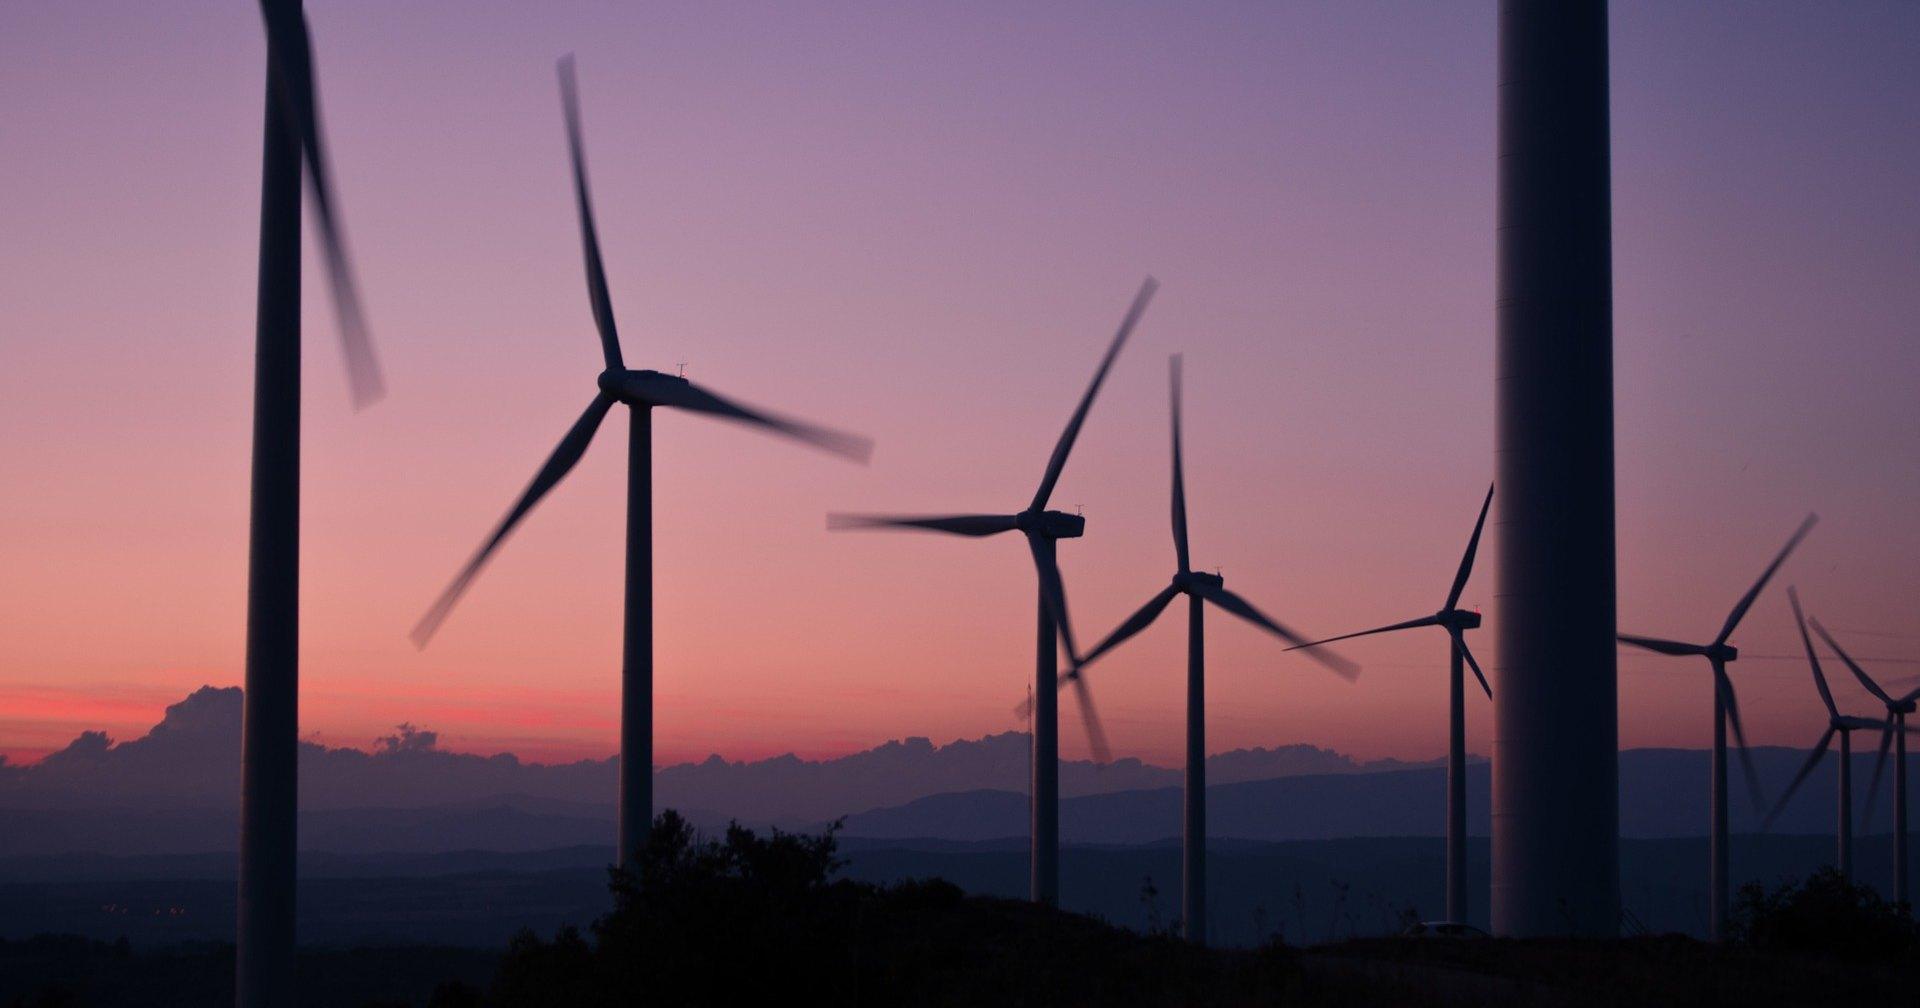 Зеленая  энергия стала выгоднее ископаемого топлива - 1